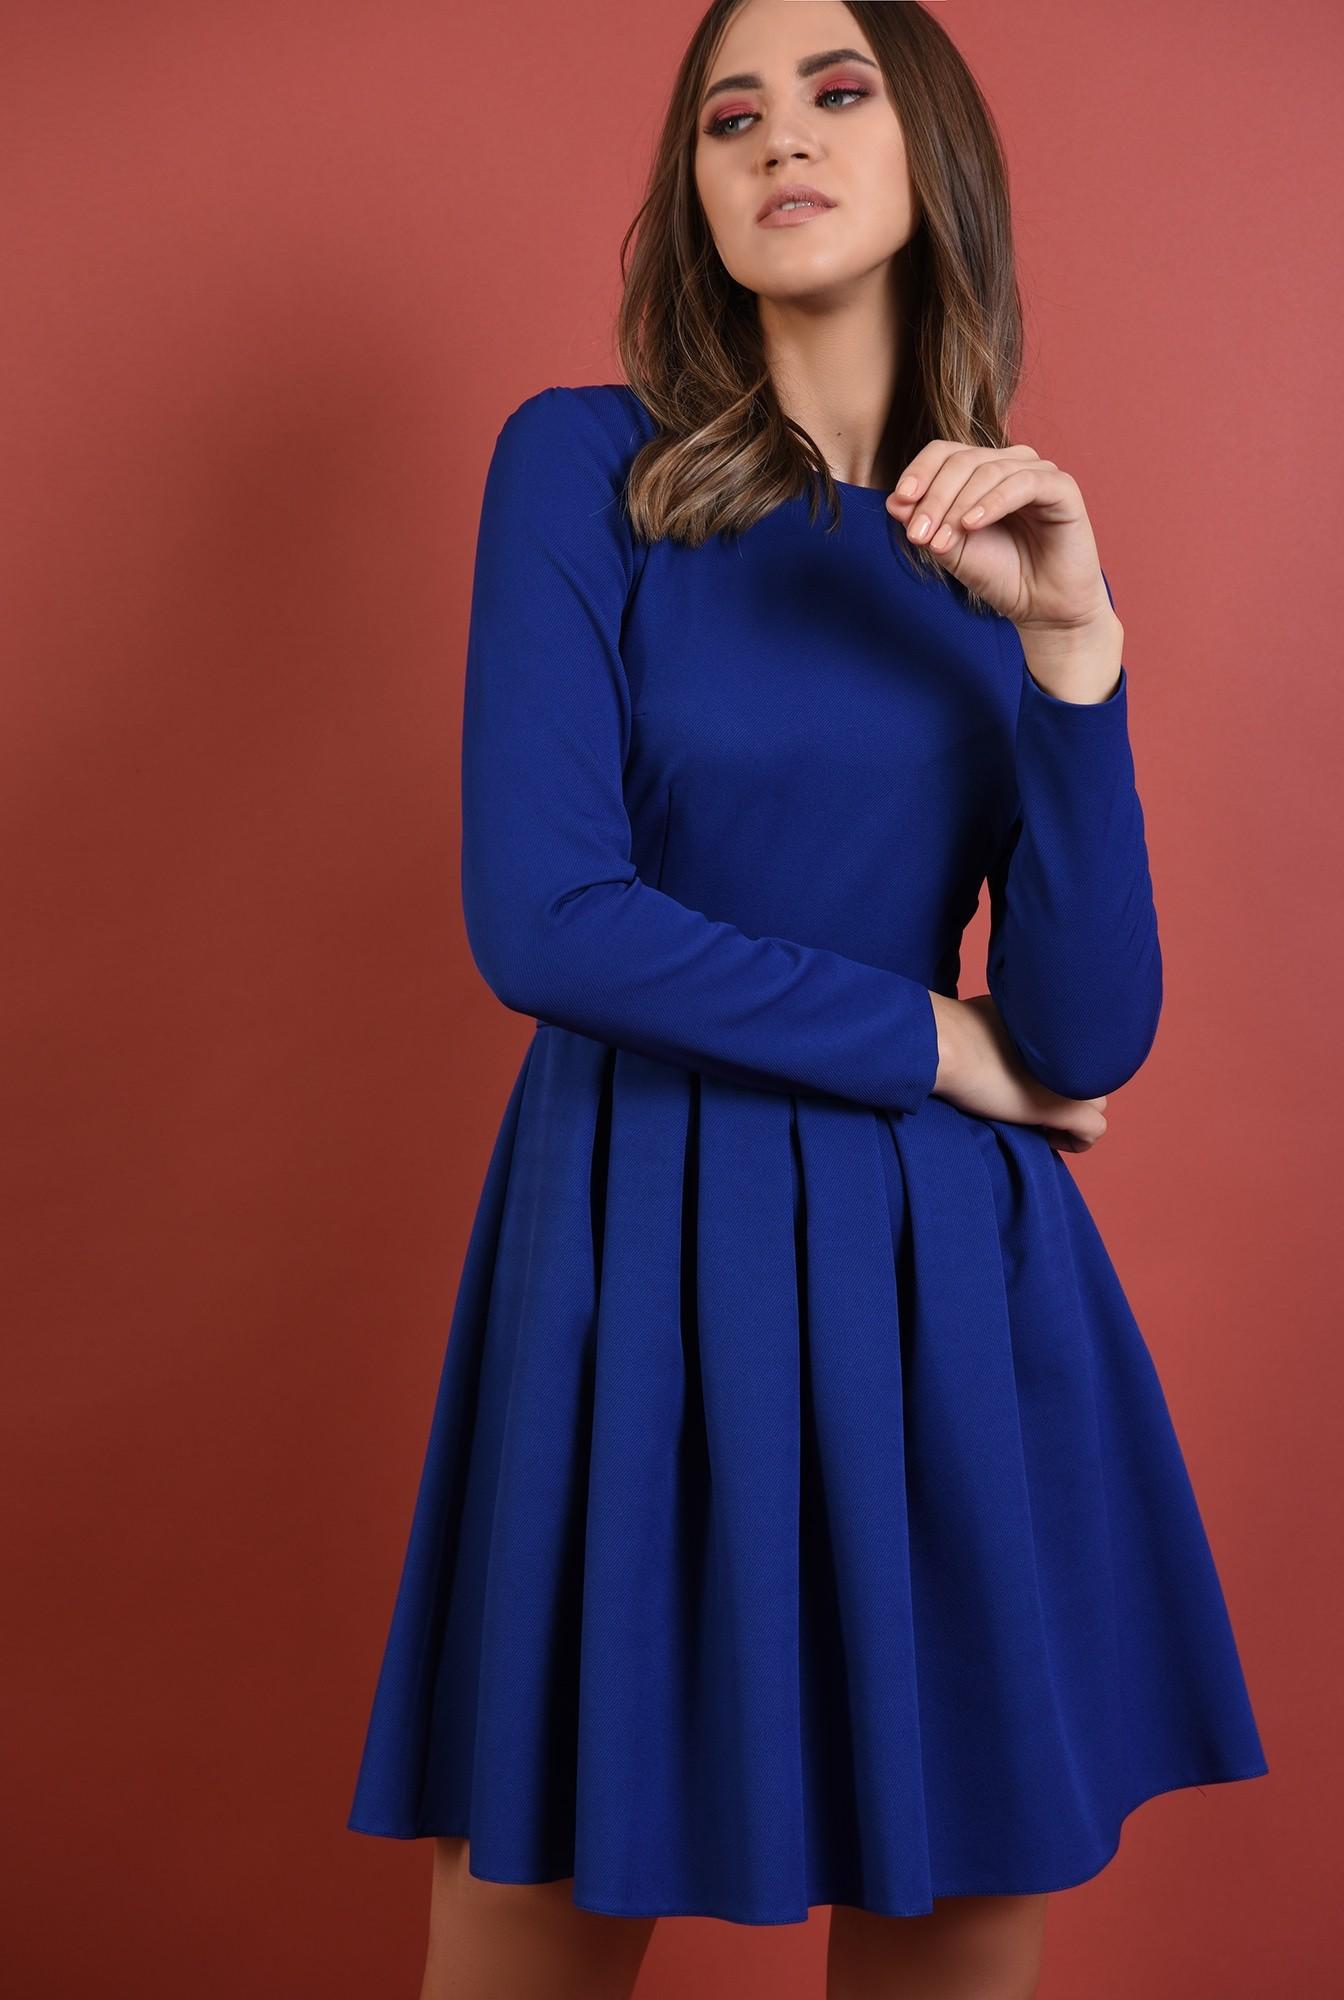 2 - 360 - rochie albastra, cu pliuri, nasturi aurii la spate, croi evazat, Poema